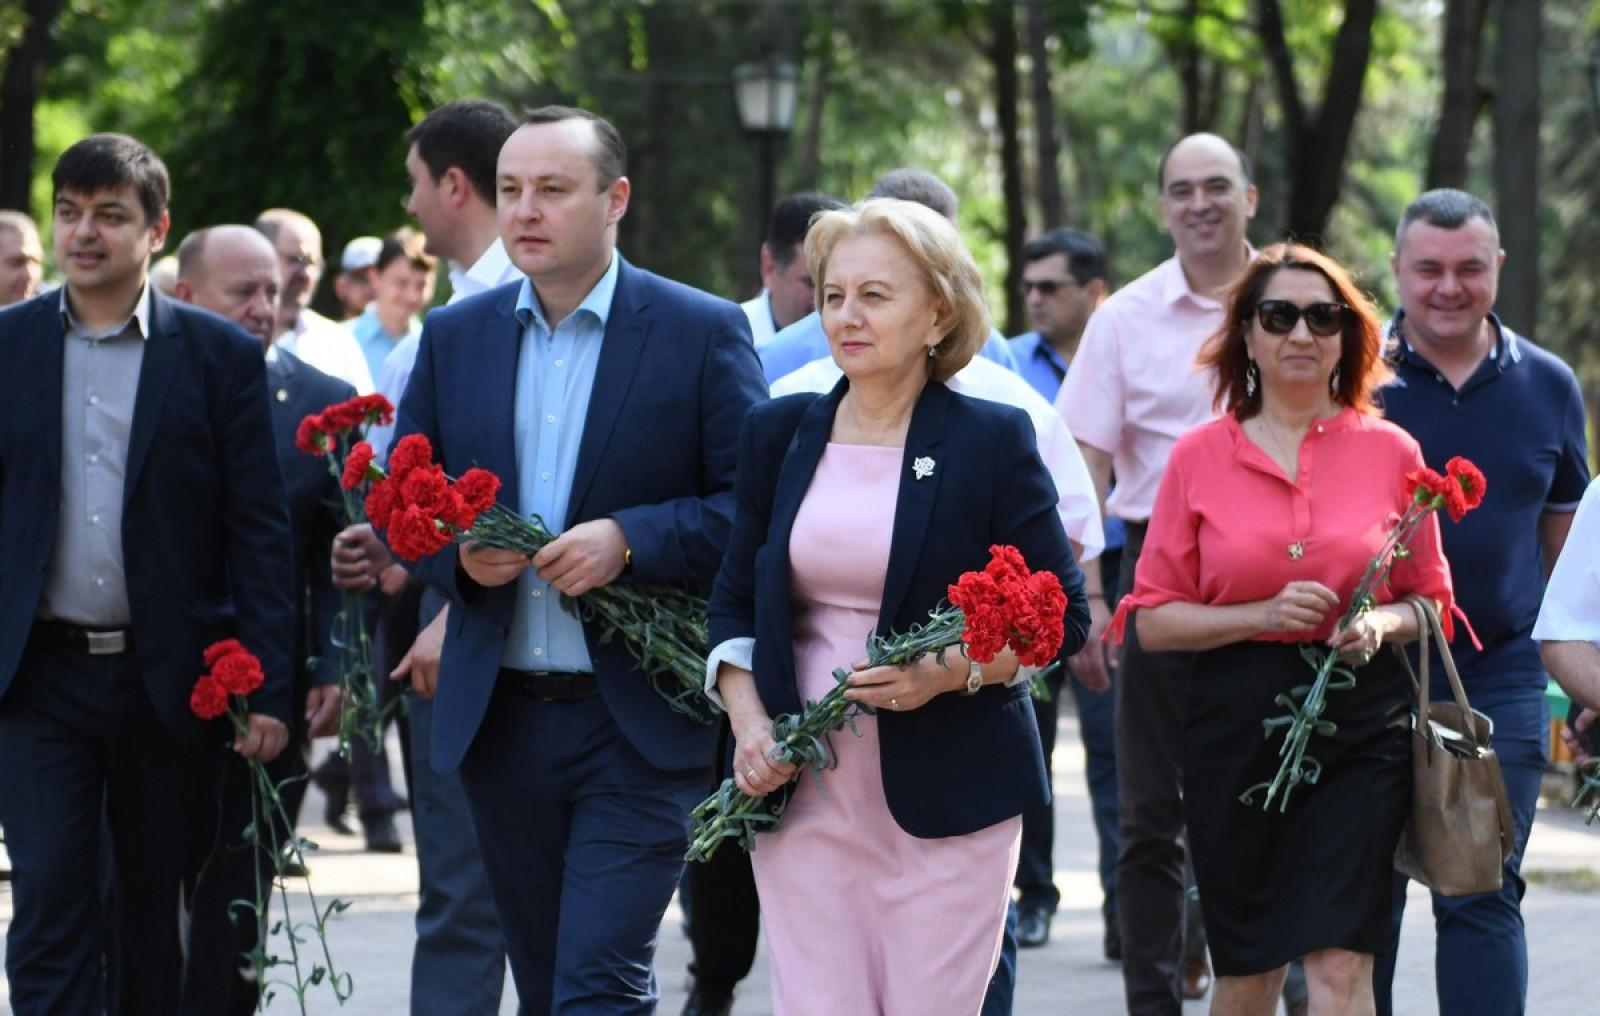 Zinaida Greceanîi: Noi trebuie să restabilim atmosfera de prietenie și înțelegere din țara noastră